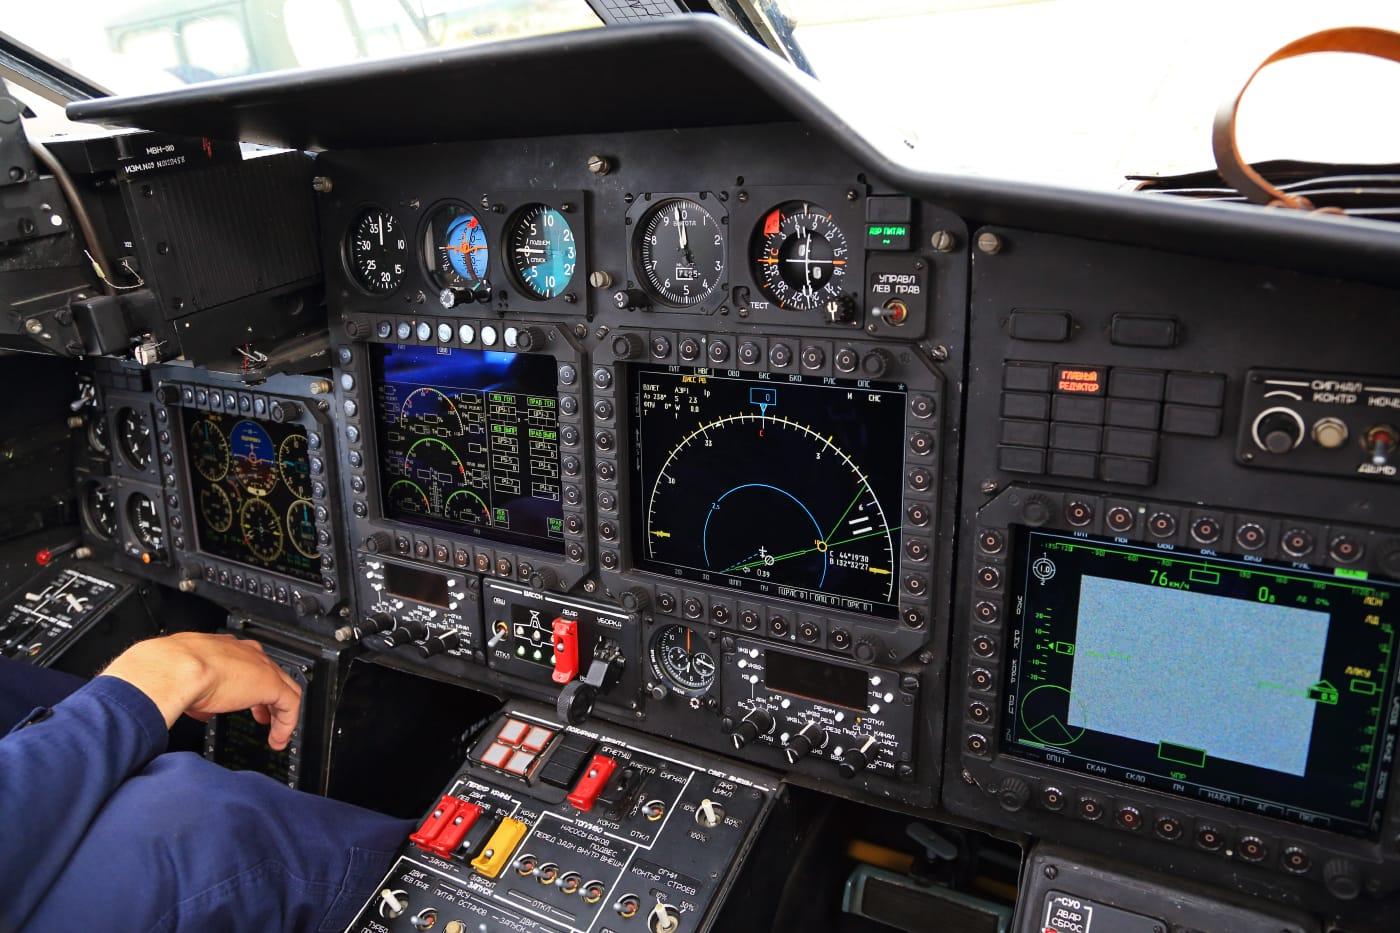 Приборная доска российского разведывательно-ударного вертолёта Ка-52 «Аллигатор». Пилотажно-навигационные приборы требуют использования электропроводящих клеев и герметиков для обеспечения герметичности и экранировки по СВЧ. Фото - Федор Леухин (CC BY-SA 2.0)